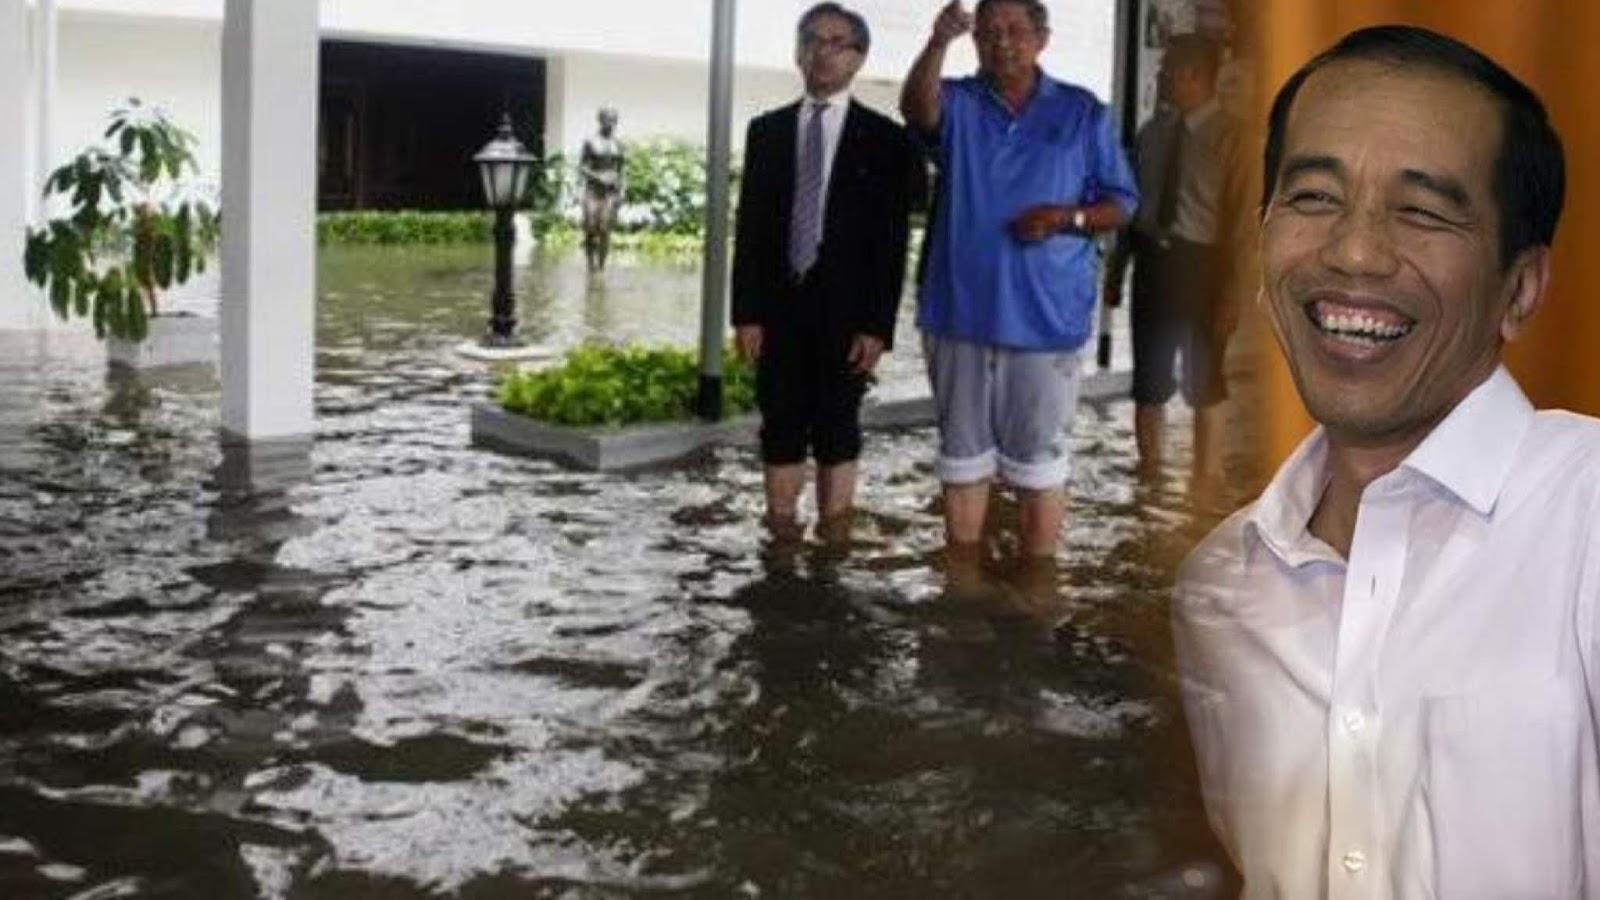 Istana Presiden Kebanjiran, Paling Parah Zaman Jokowi Jadi Gubernur